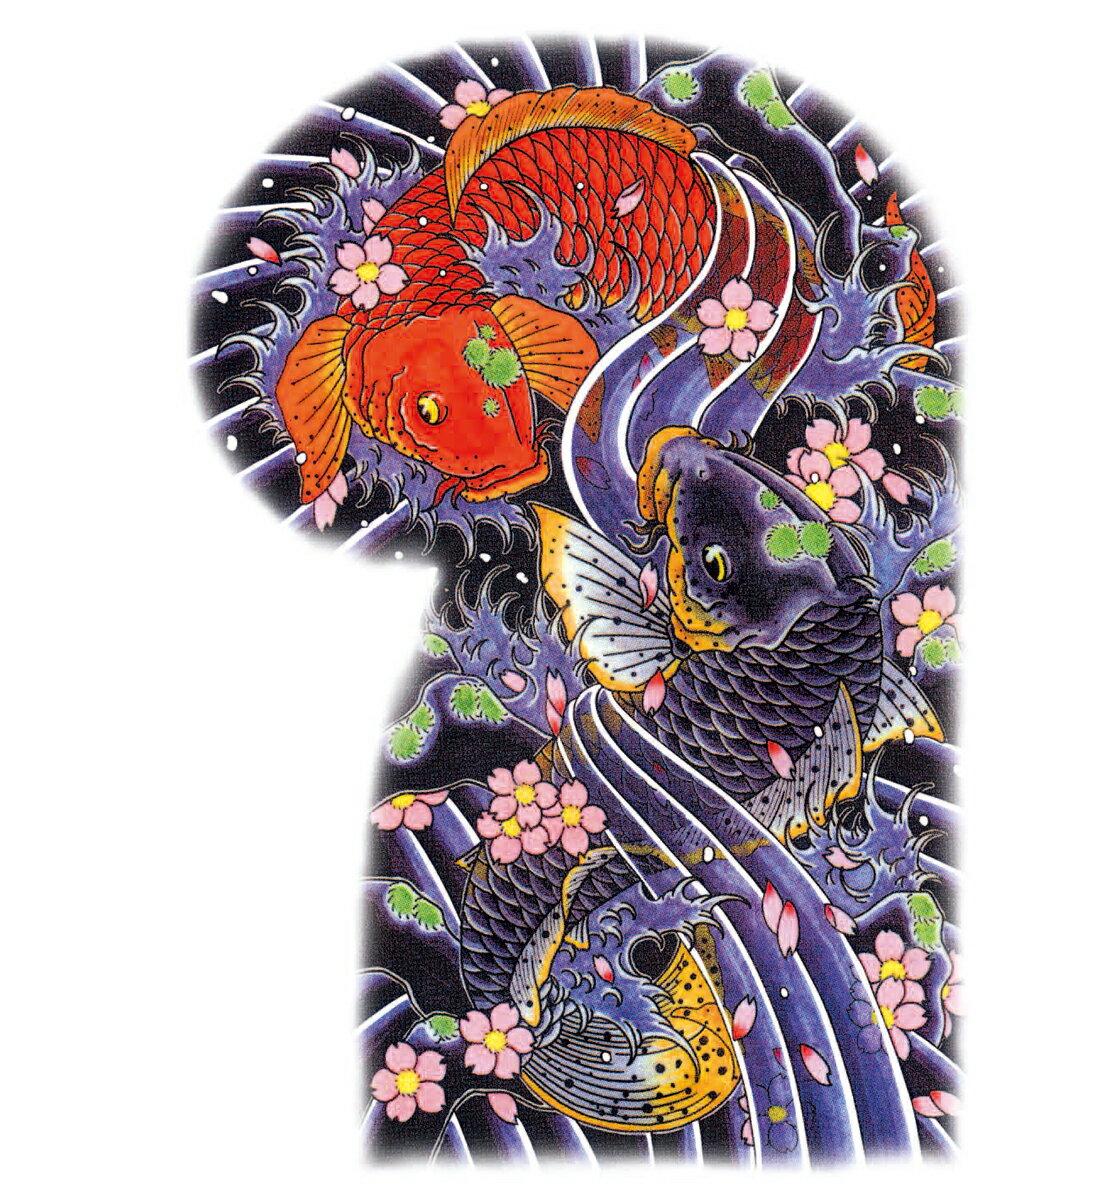 (ファンタジー) TheFantasy タトゥーシール タトゥーシール 錦鯉 肩・胸用 大型 【大型・A4】